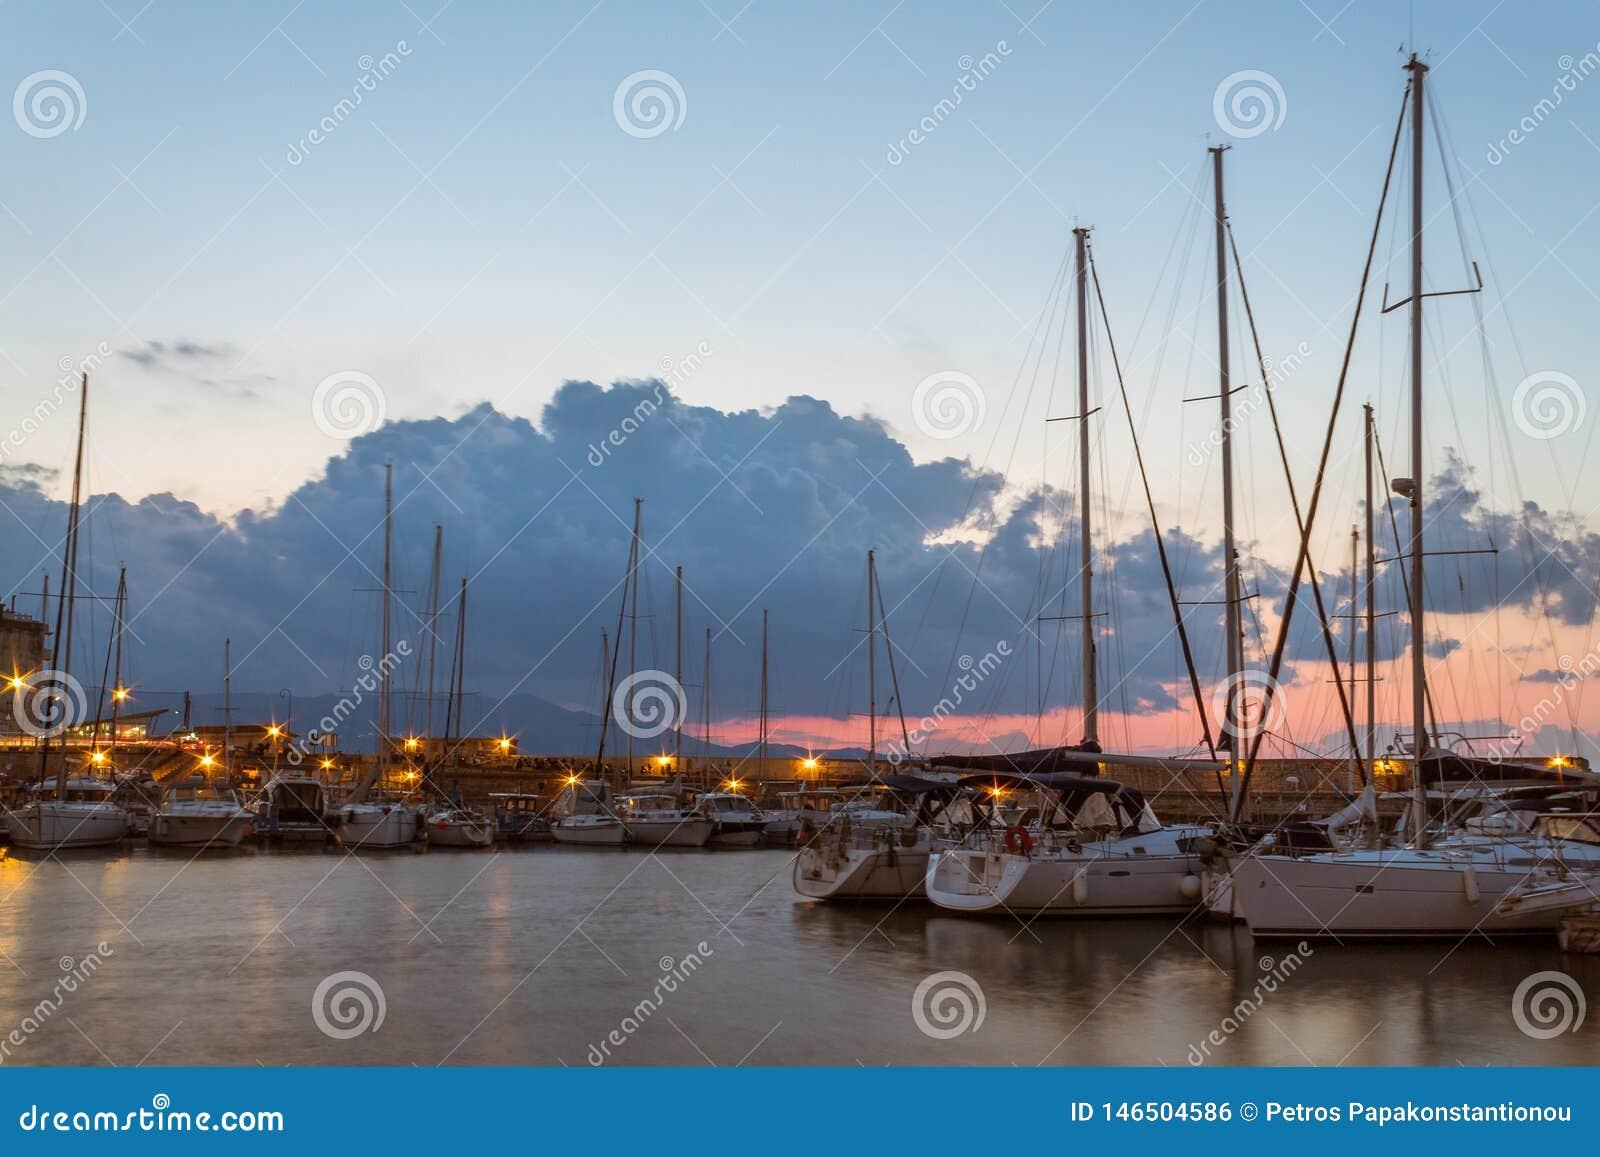 Opini?n larga de la exposici?n del puerto viejo griego viejo en Creta